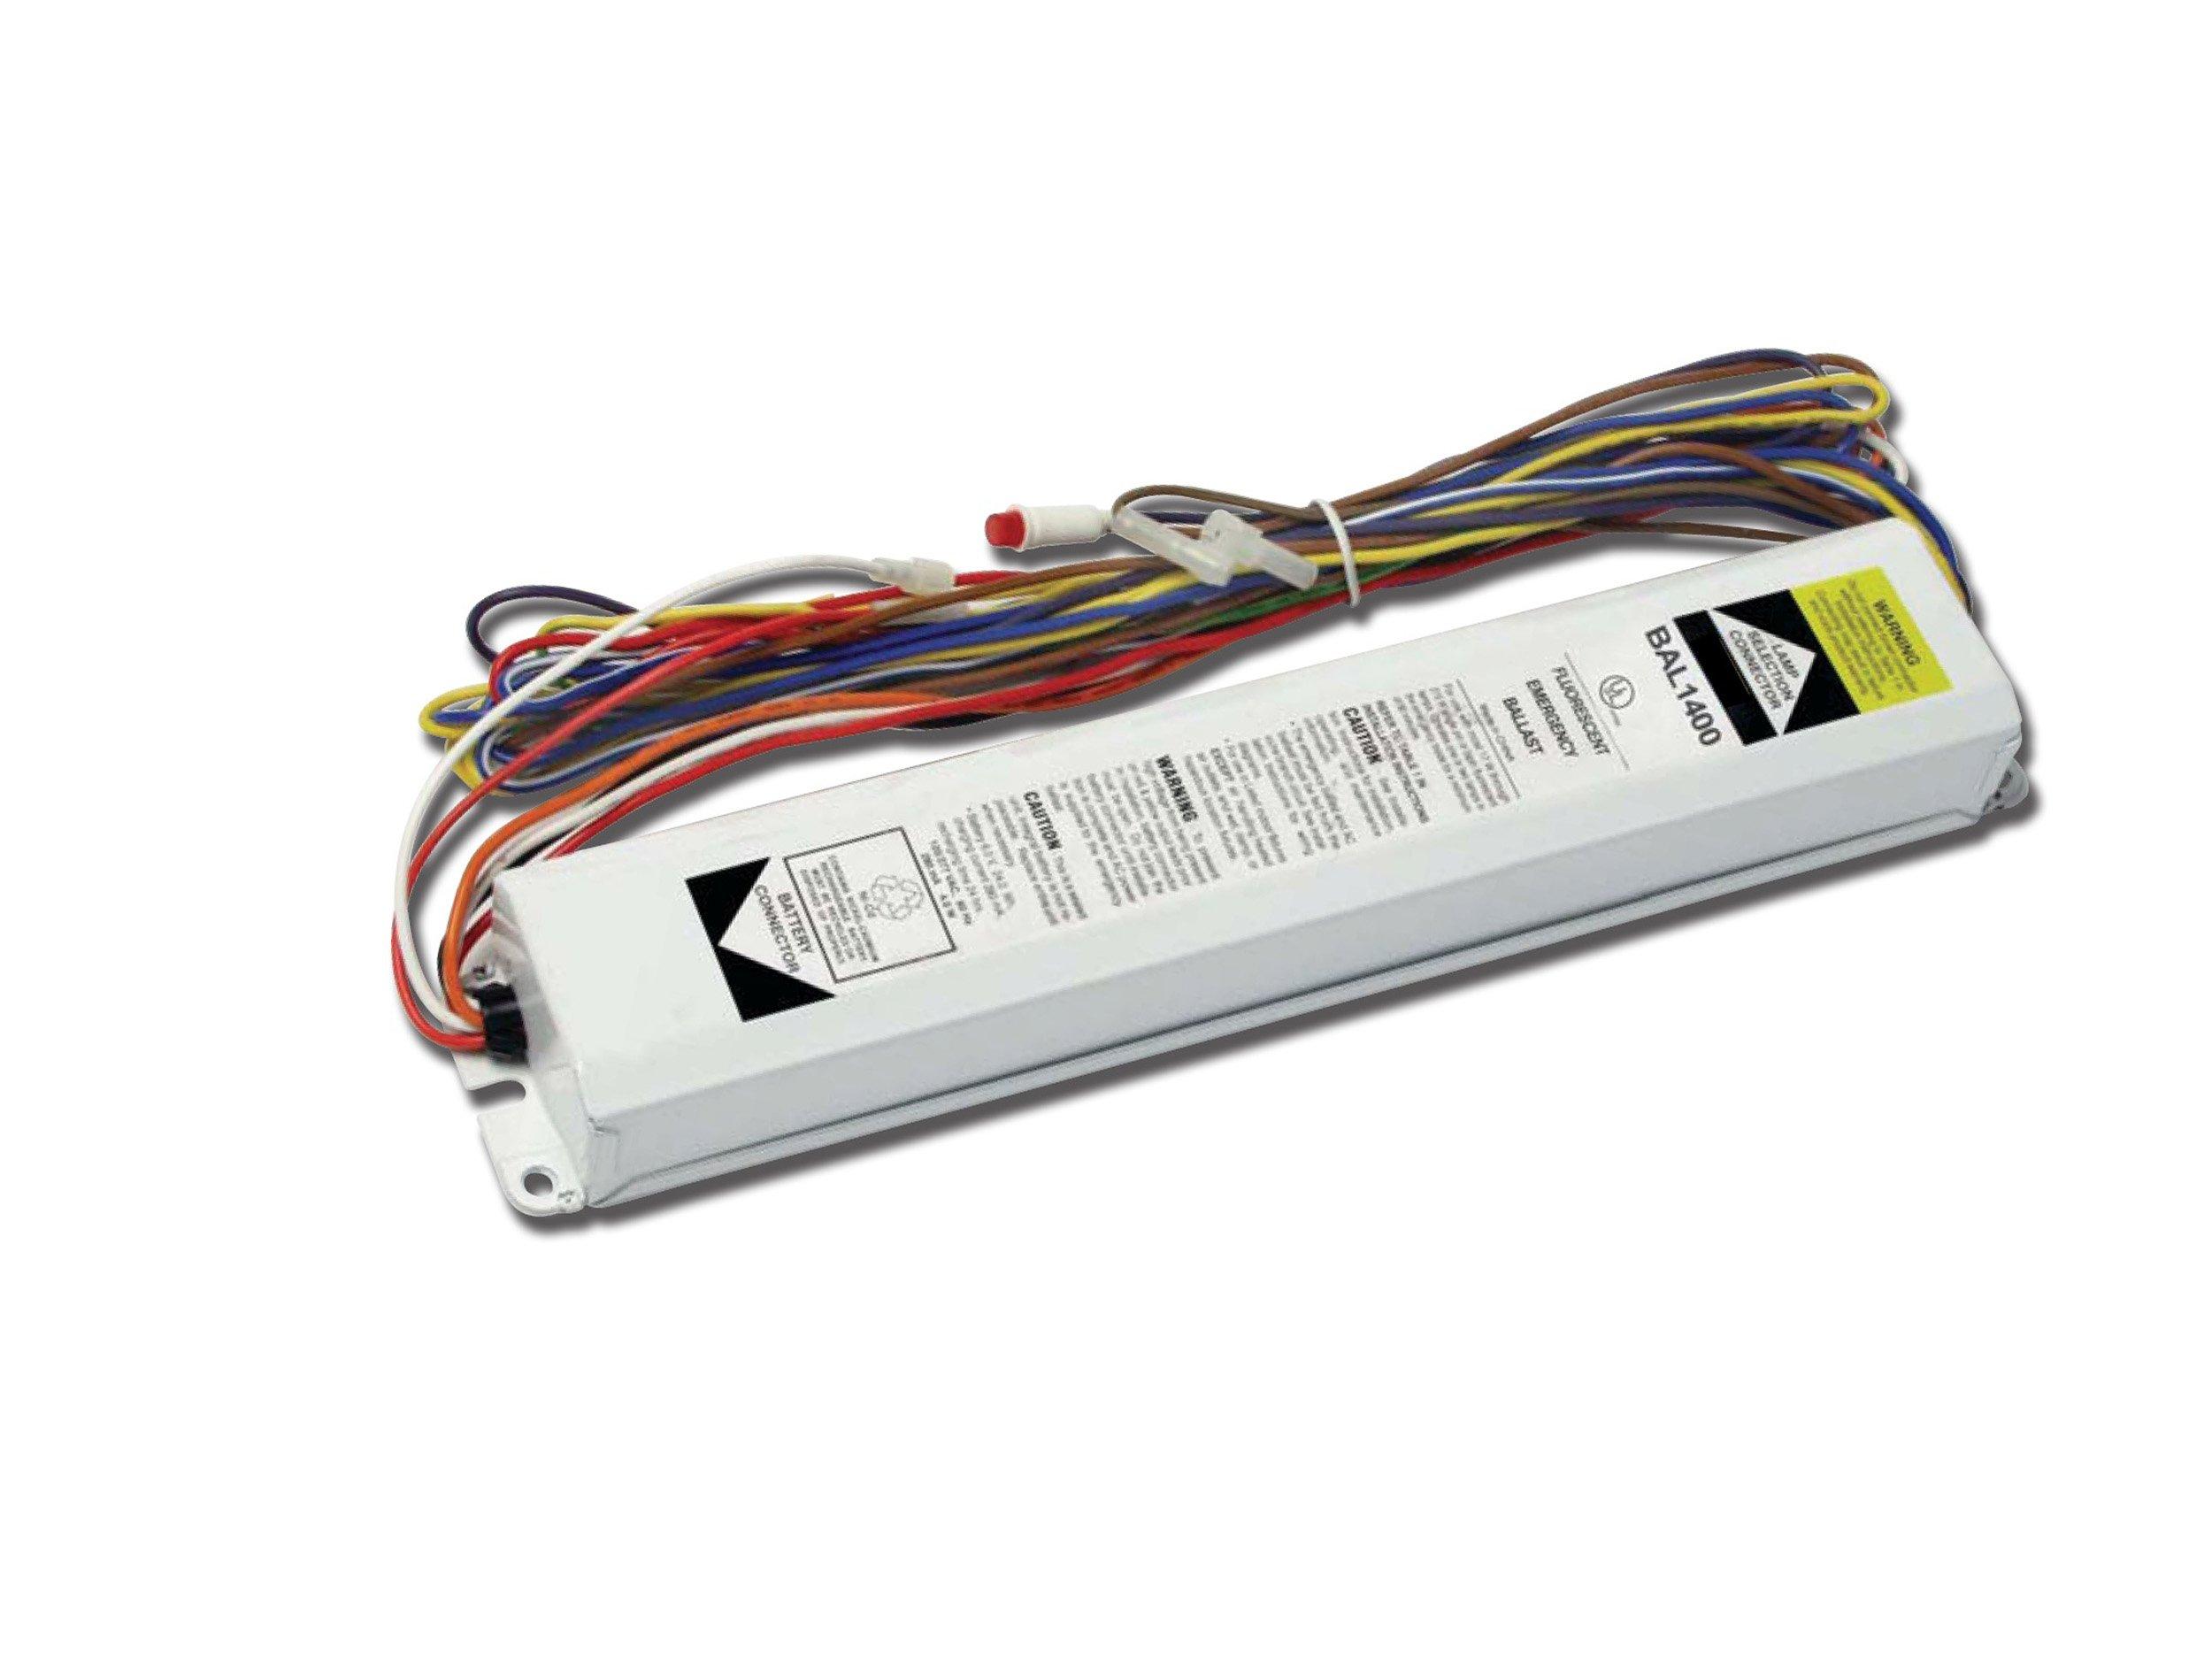 Howard Lighting BAL1400 1100-1400 lm Fluorescent Emergency Ballast by Howard Lighting